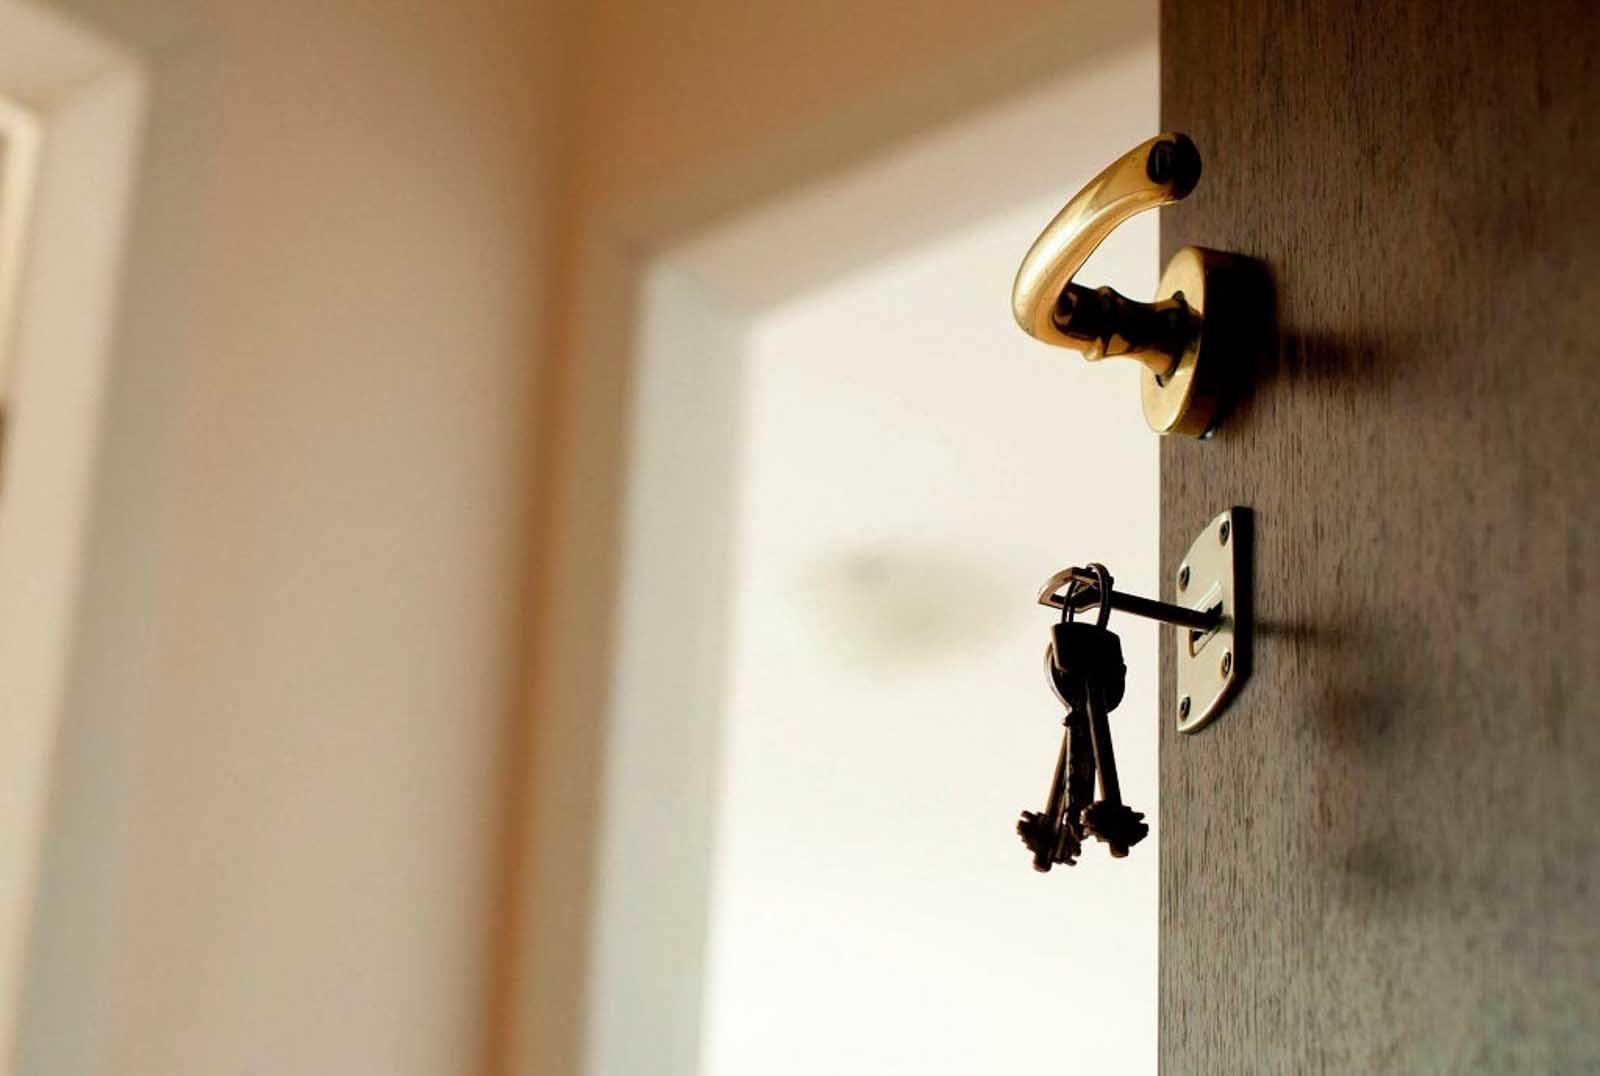 Как выписать человека из приватизированной квартиры без его согласия